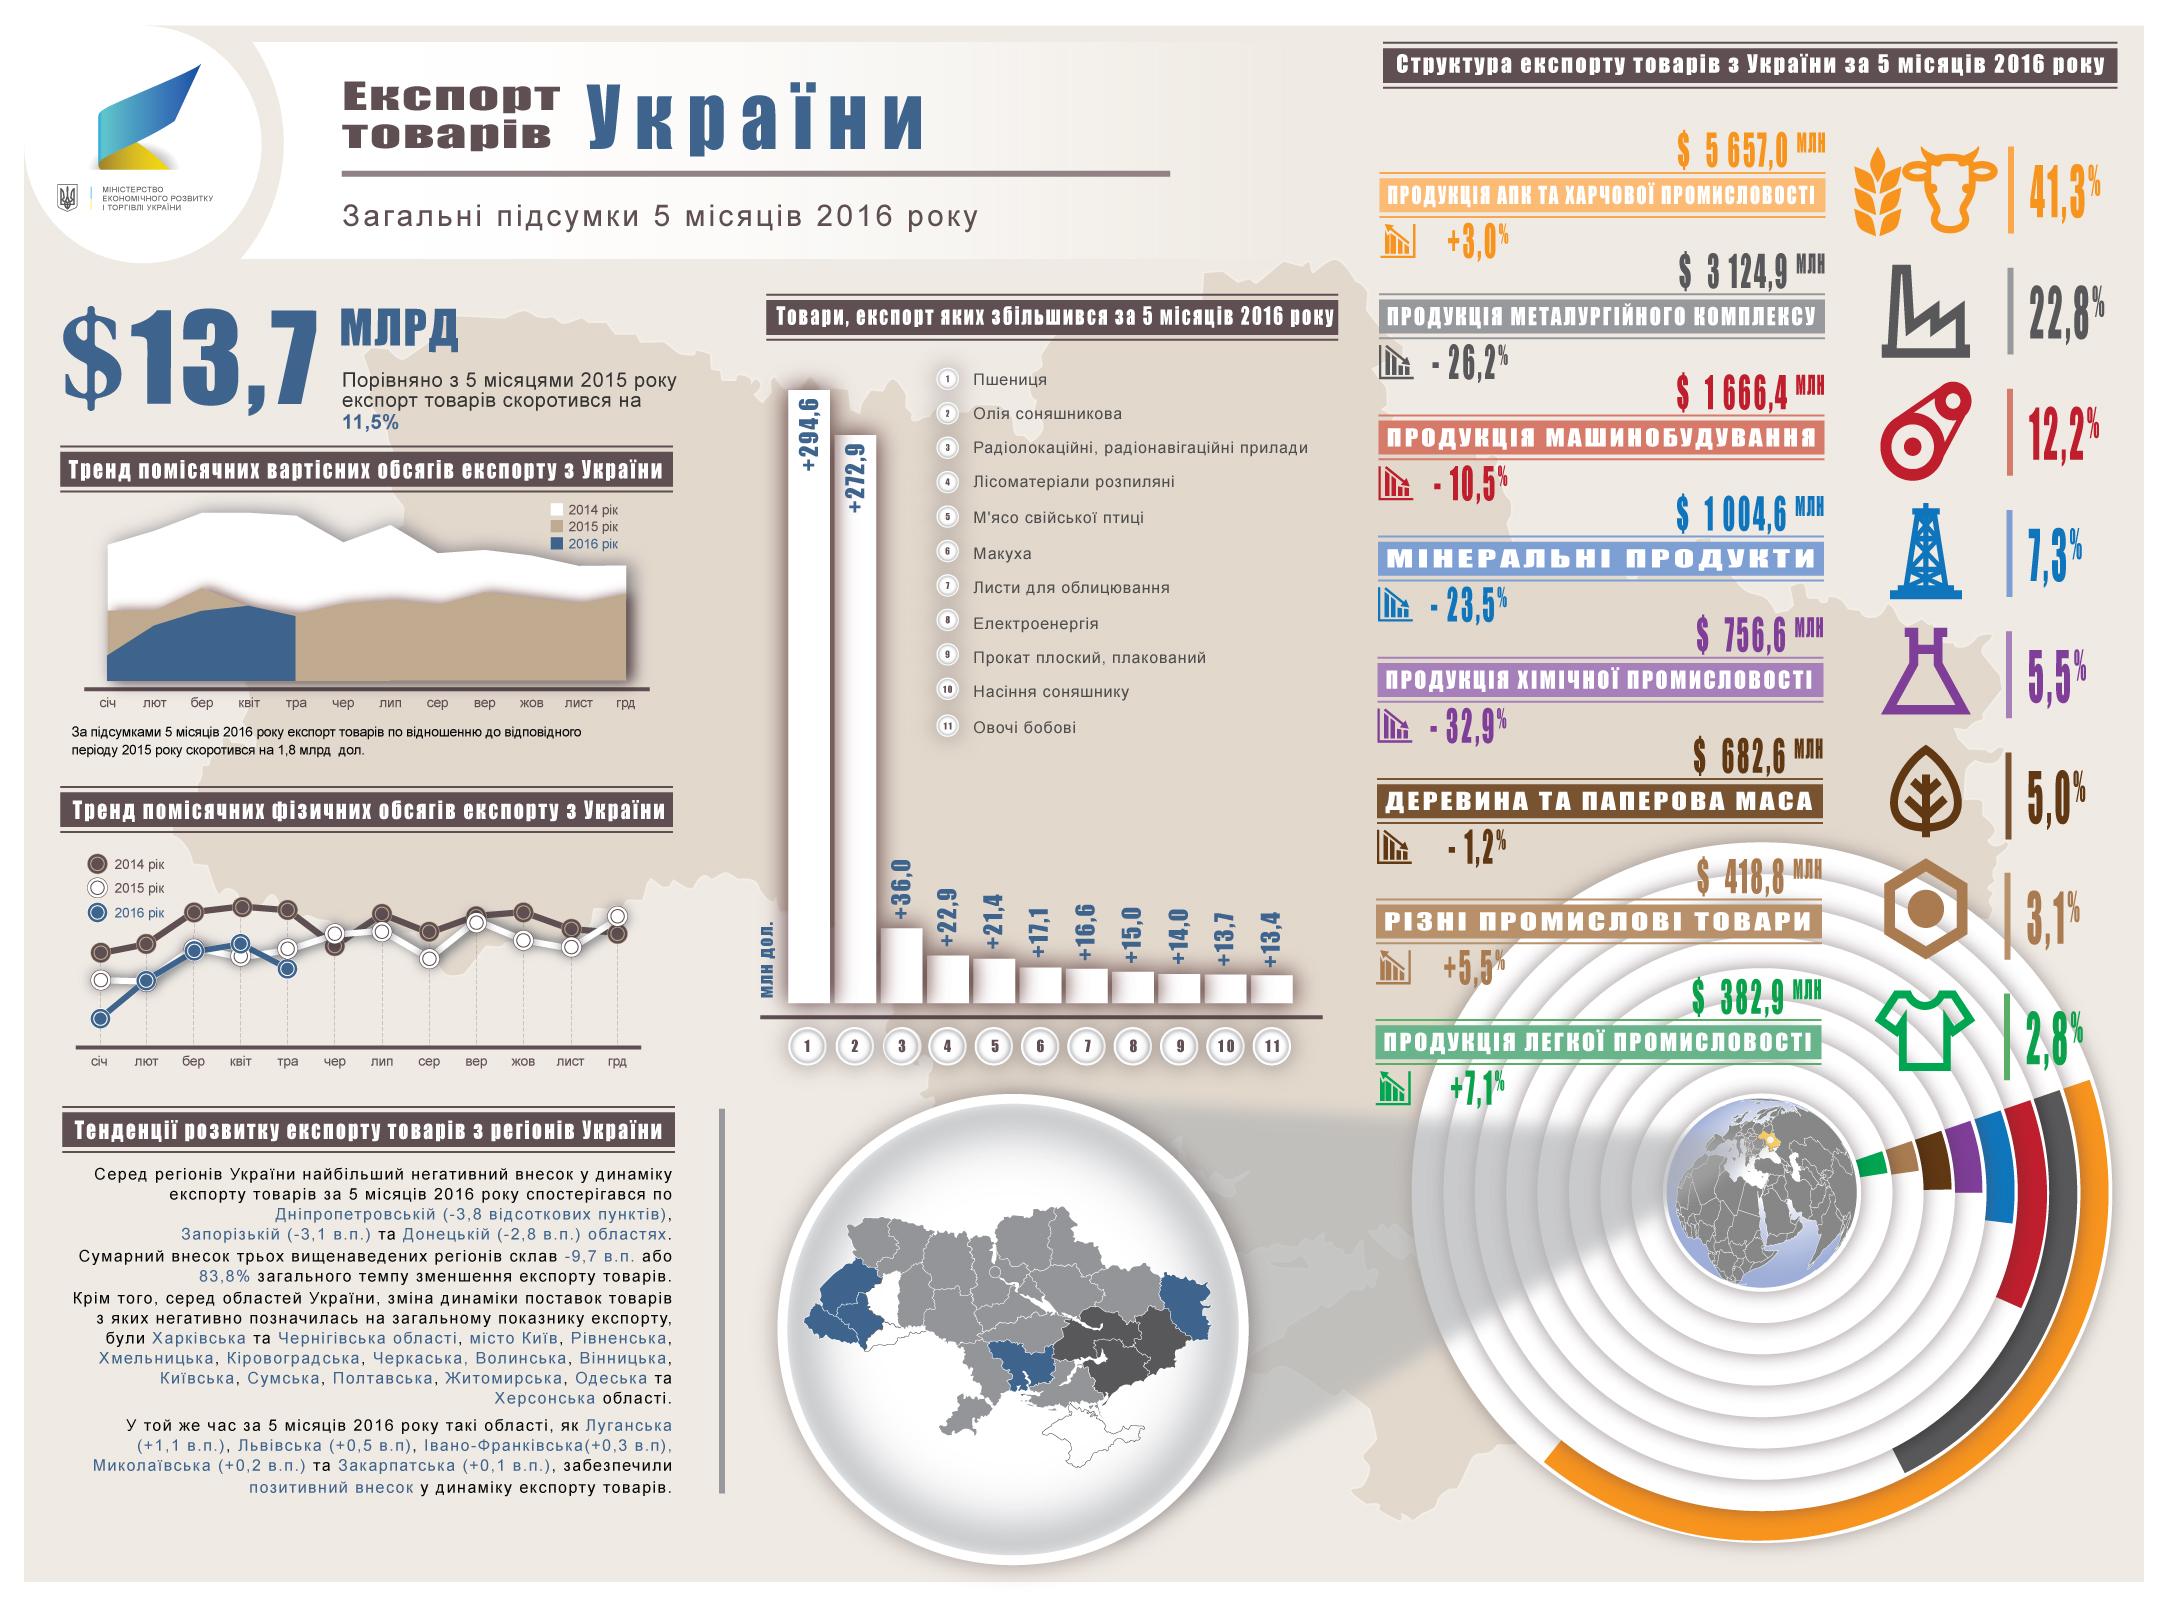 Український експорт скоротився на 12%: менше продаємо Росії, але більше – ЄС  (ІНФОГРАФІКА) - фото 1